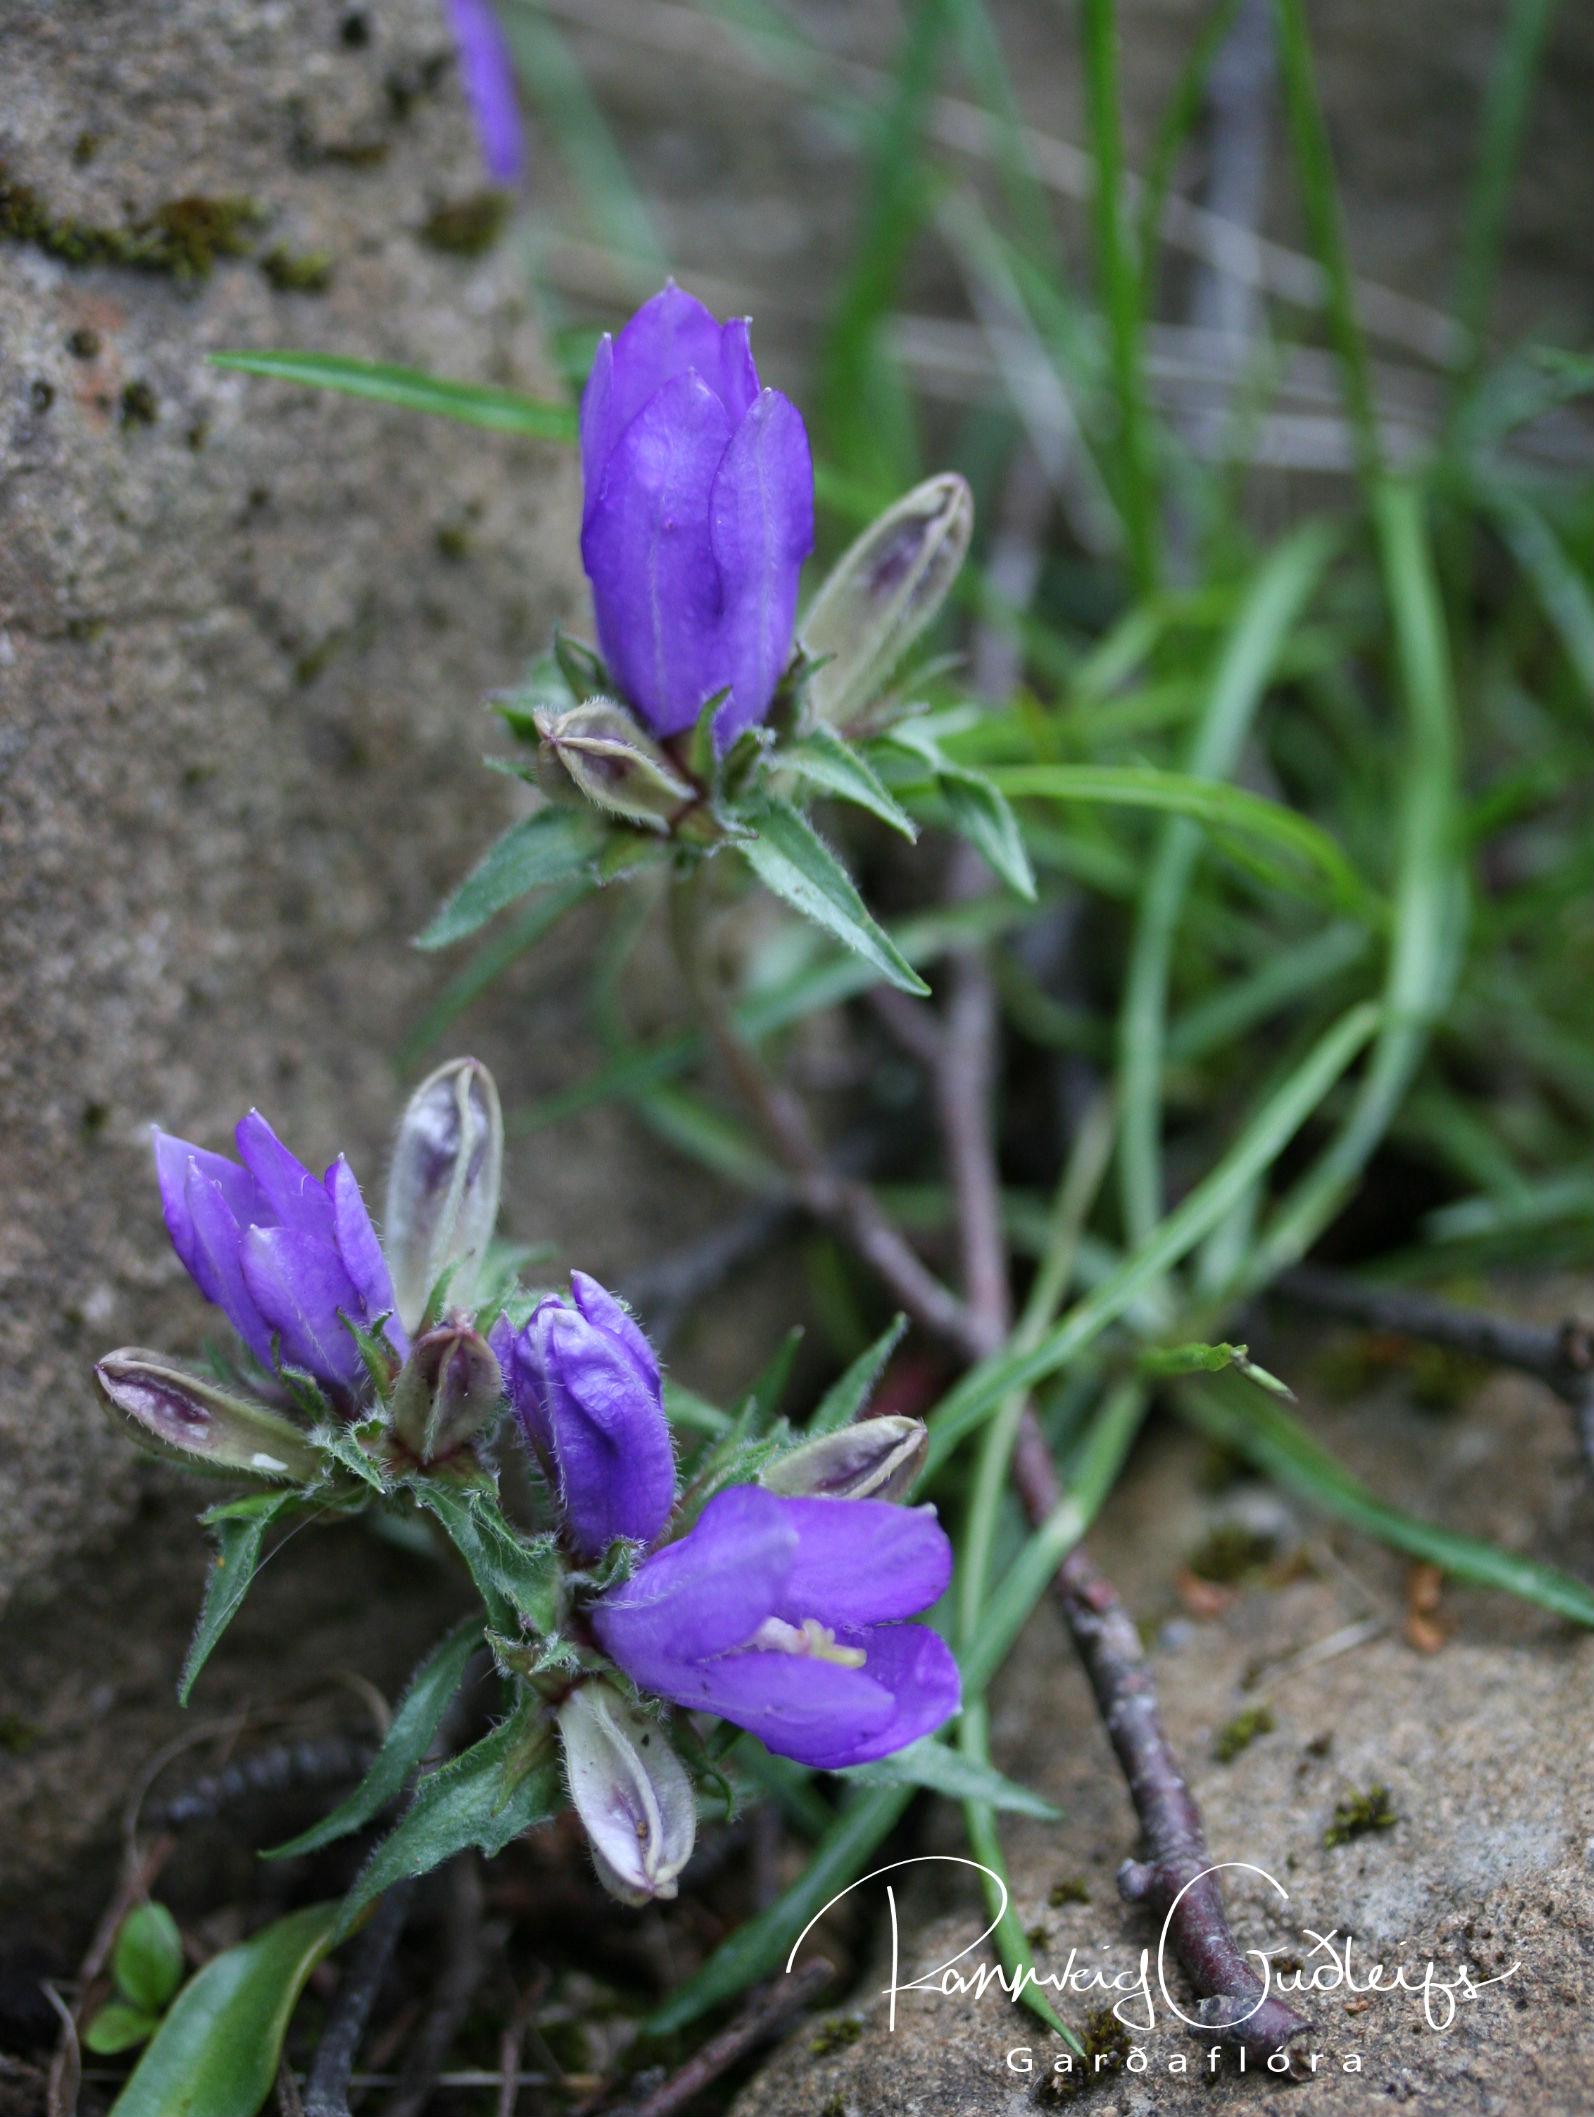 Edraianthus montenegrinus